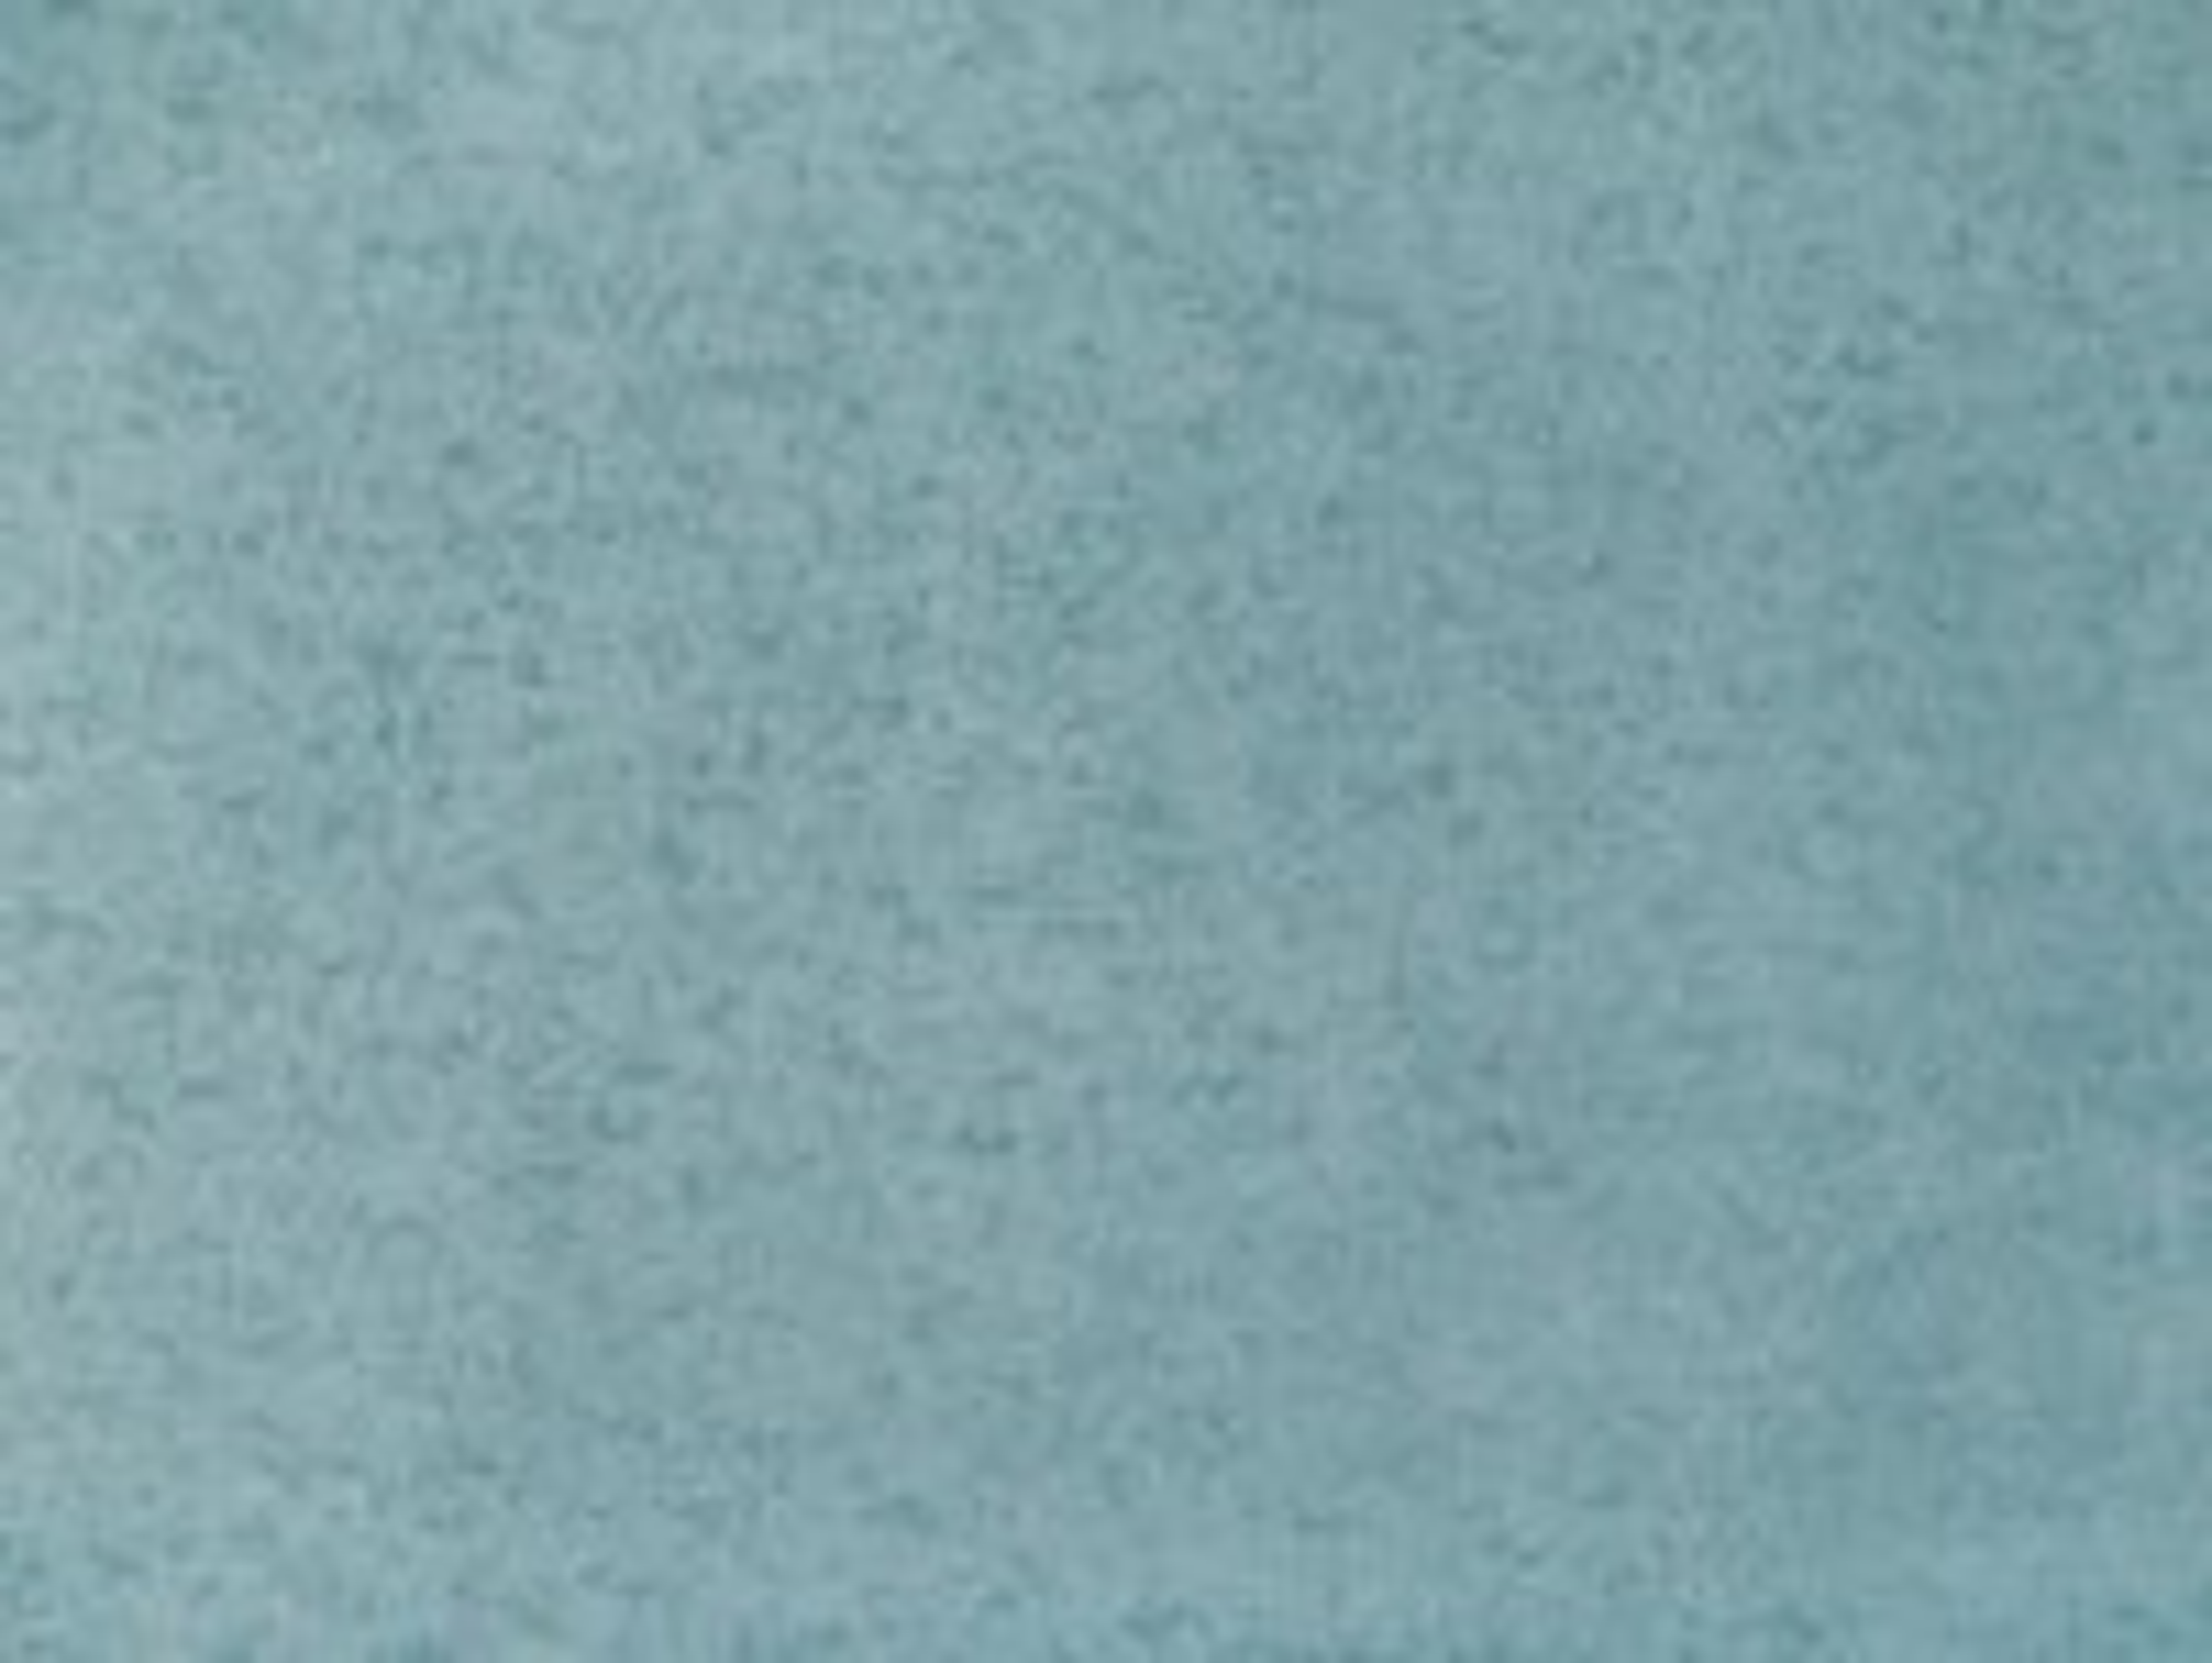 18311 Е  Обои 1,06*10 м горч.тисн,флиз Шелест(фон бирюз)